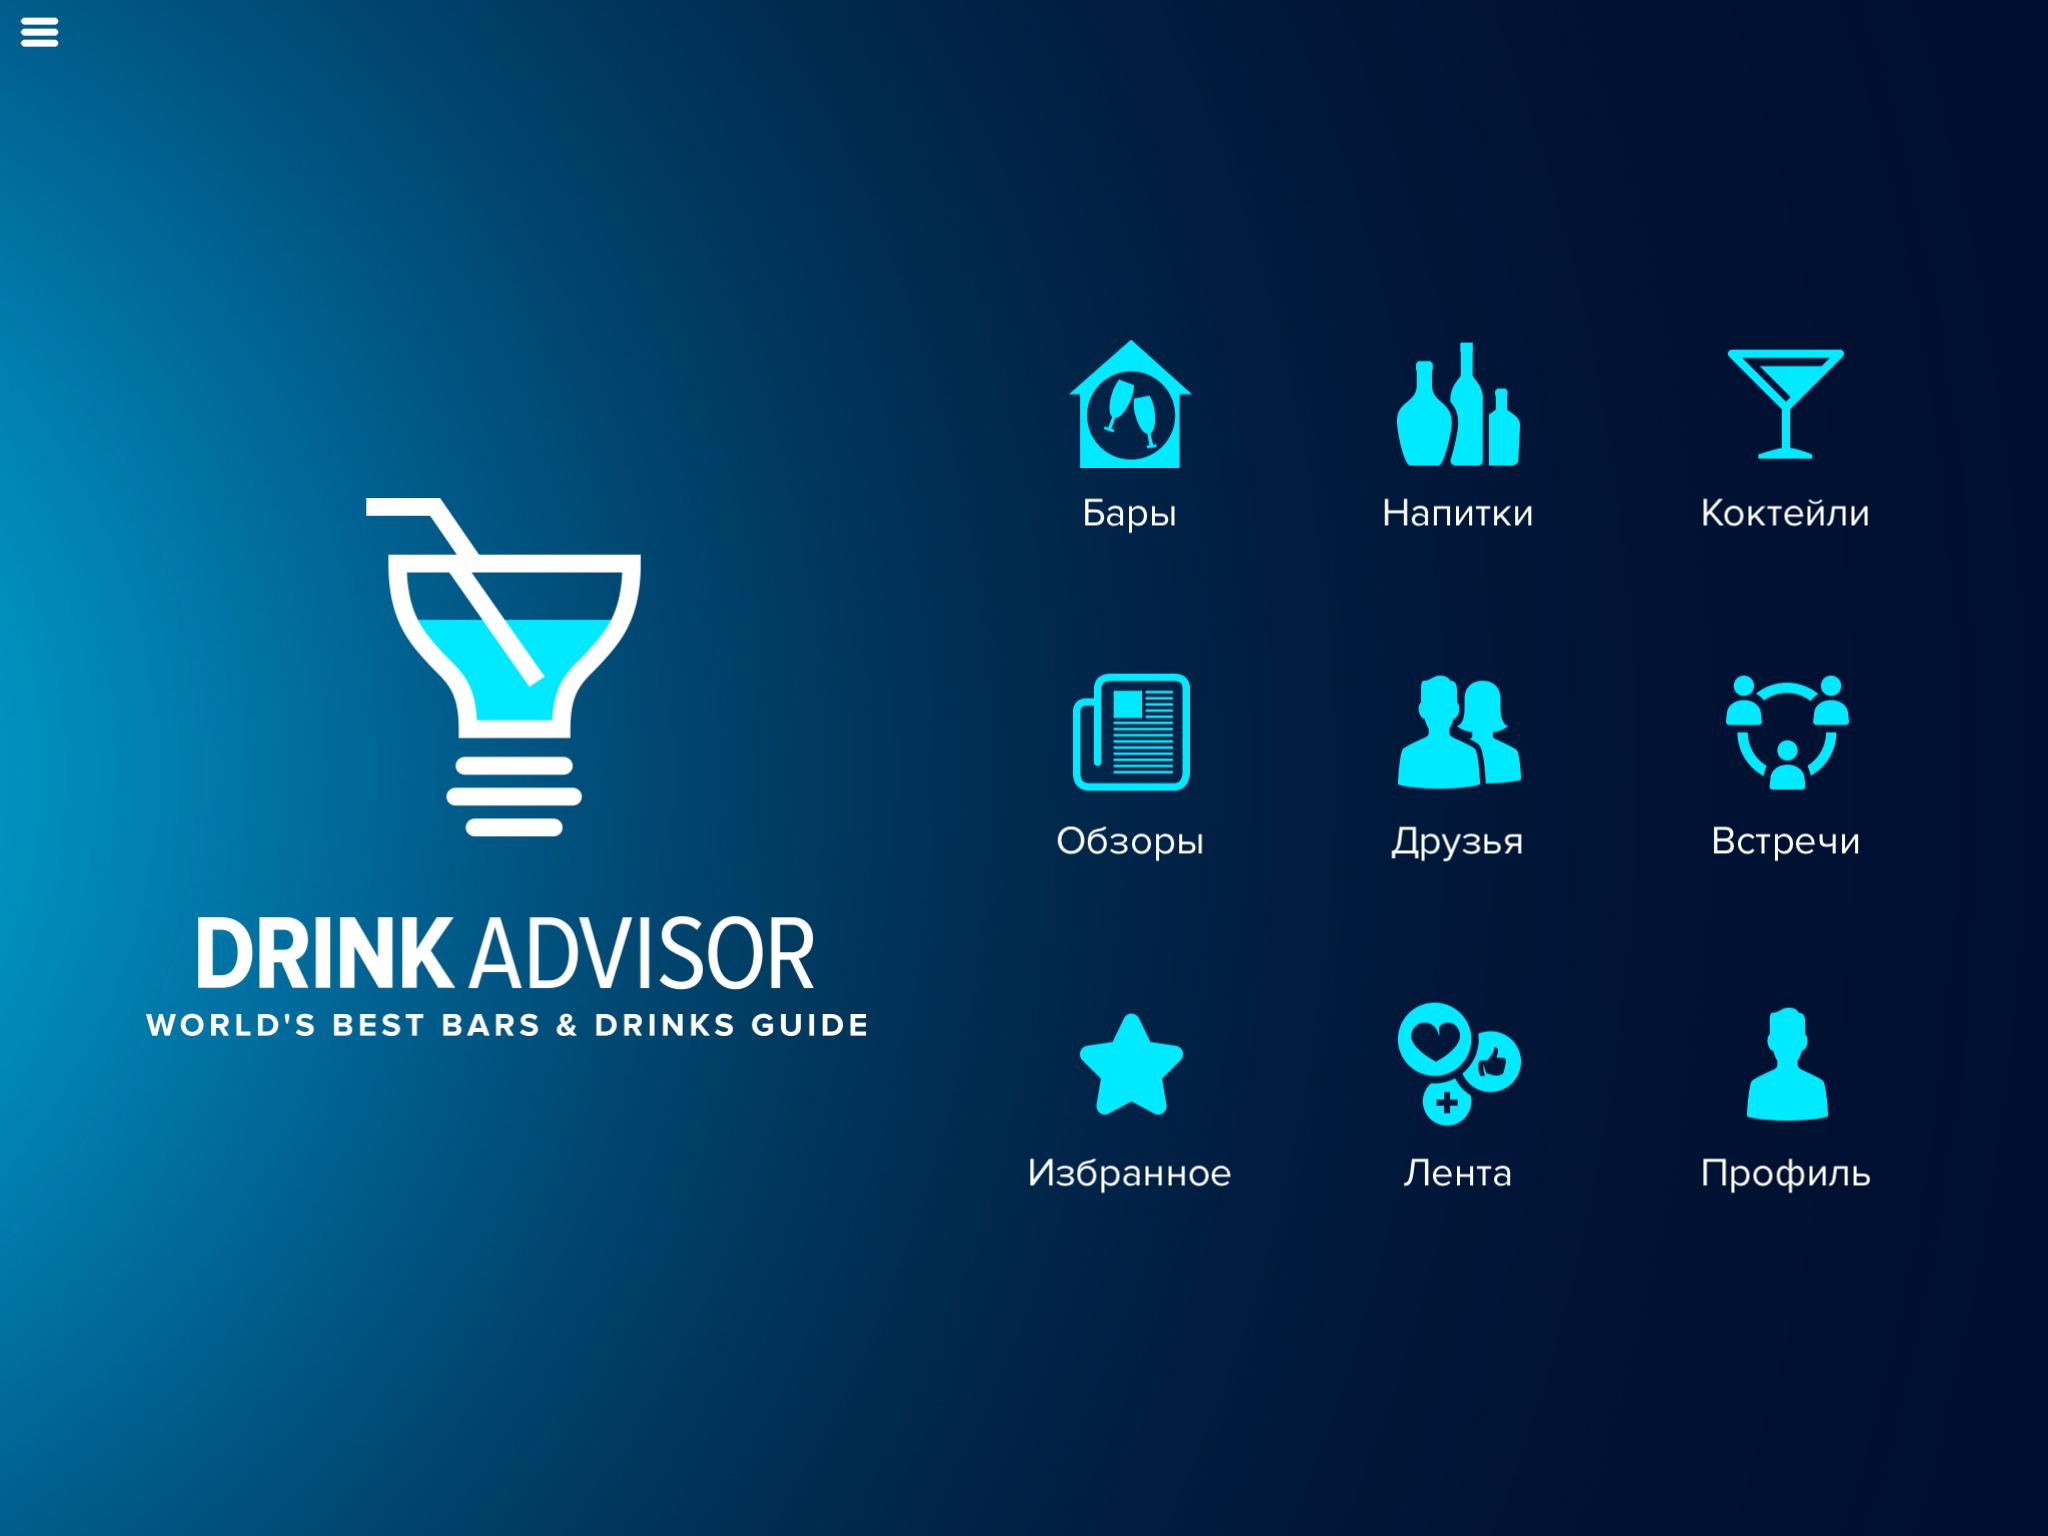 Новые бары, клубы и коктейли в твоём городе и путешествиях с DrinkAdvisor